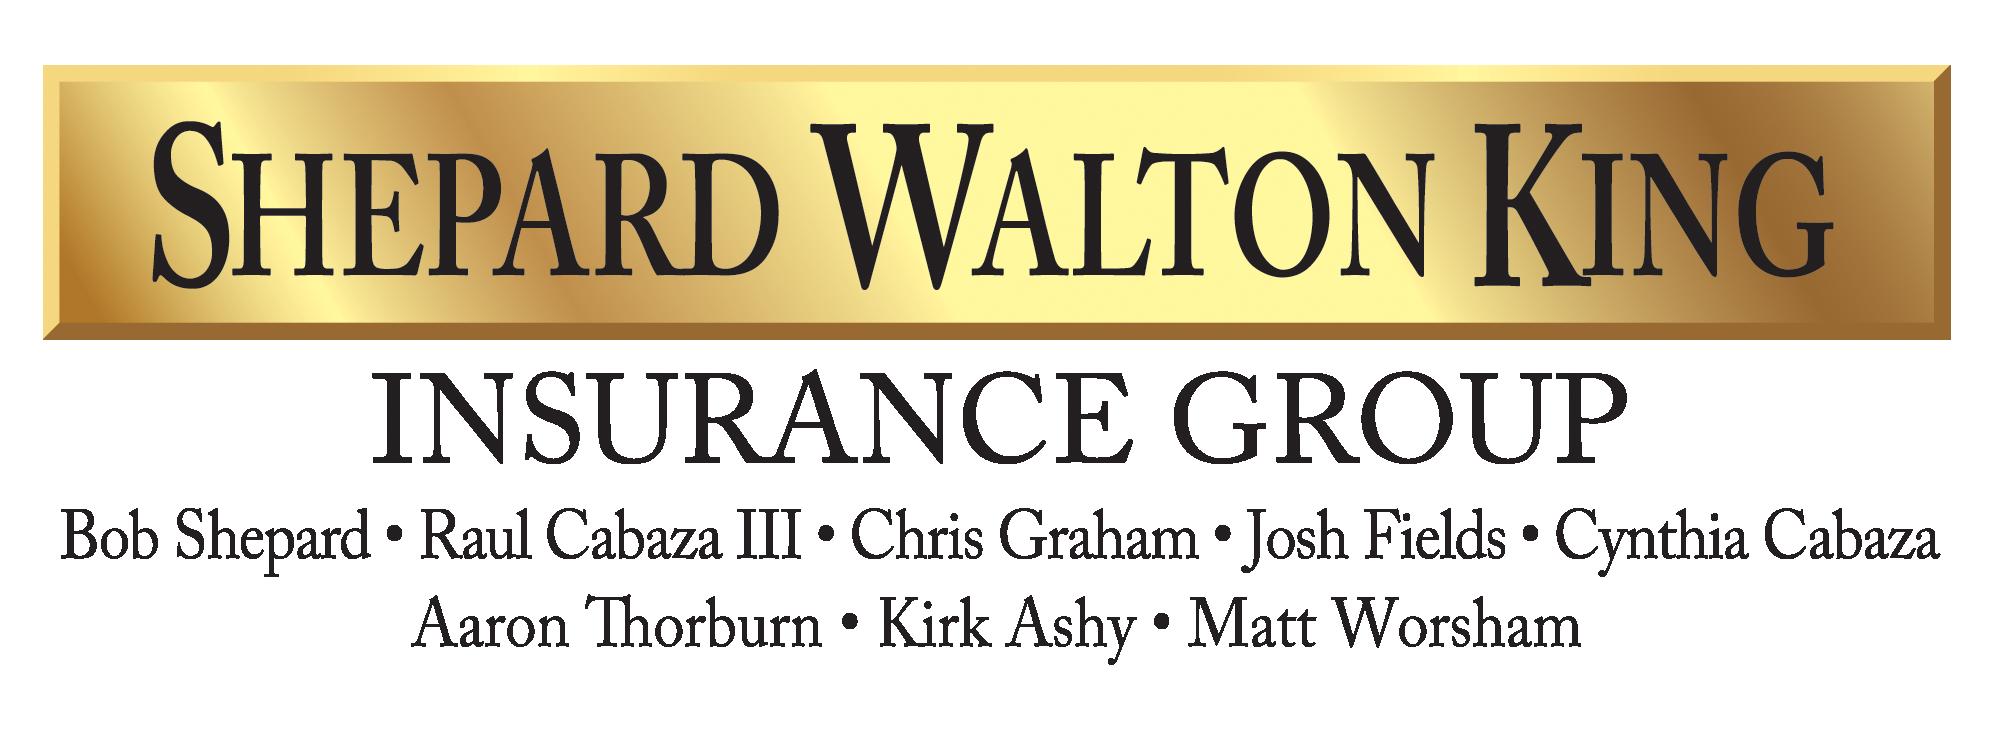 Shepard Walton King